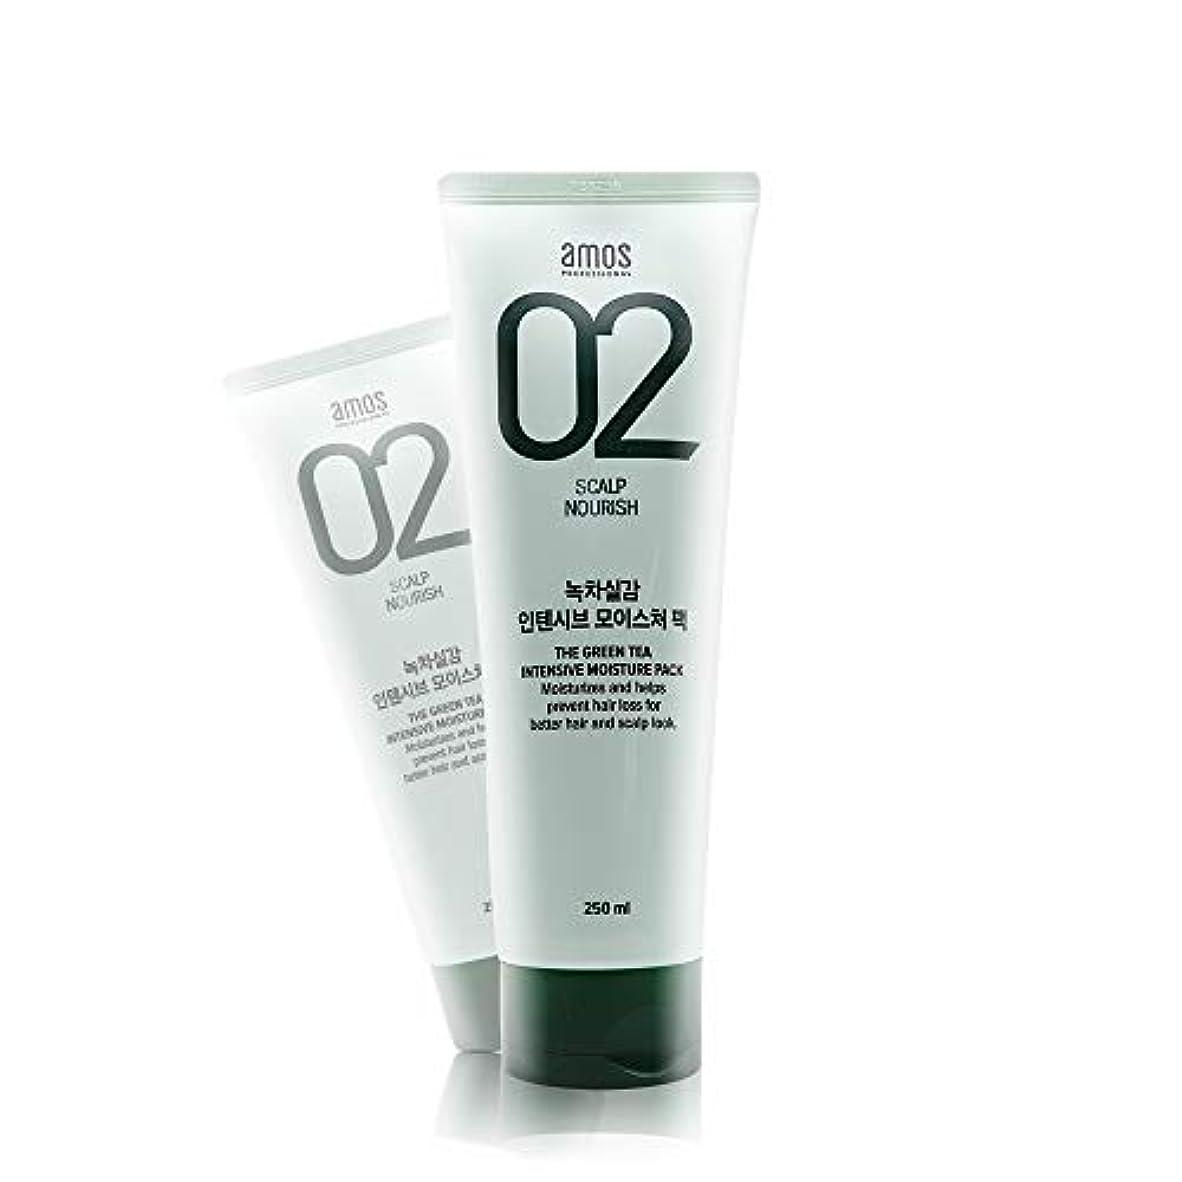 推進力ヤギ有益なアモス AMOS 緑茶実感インテンシブモイスチャーパック 250g, Feel the Green Tea Intensive Moisture Hair Pack